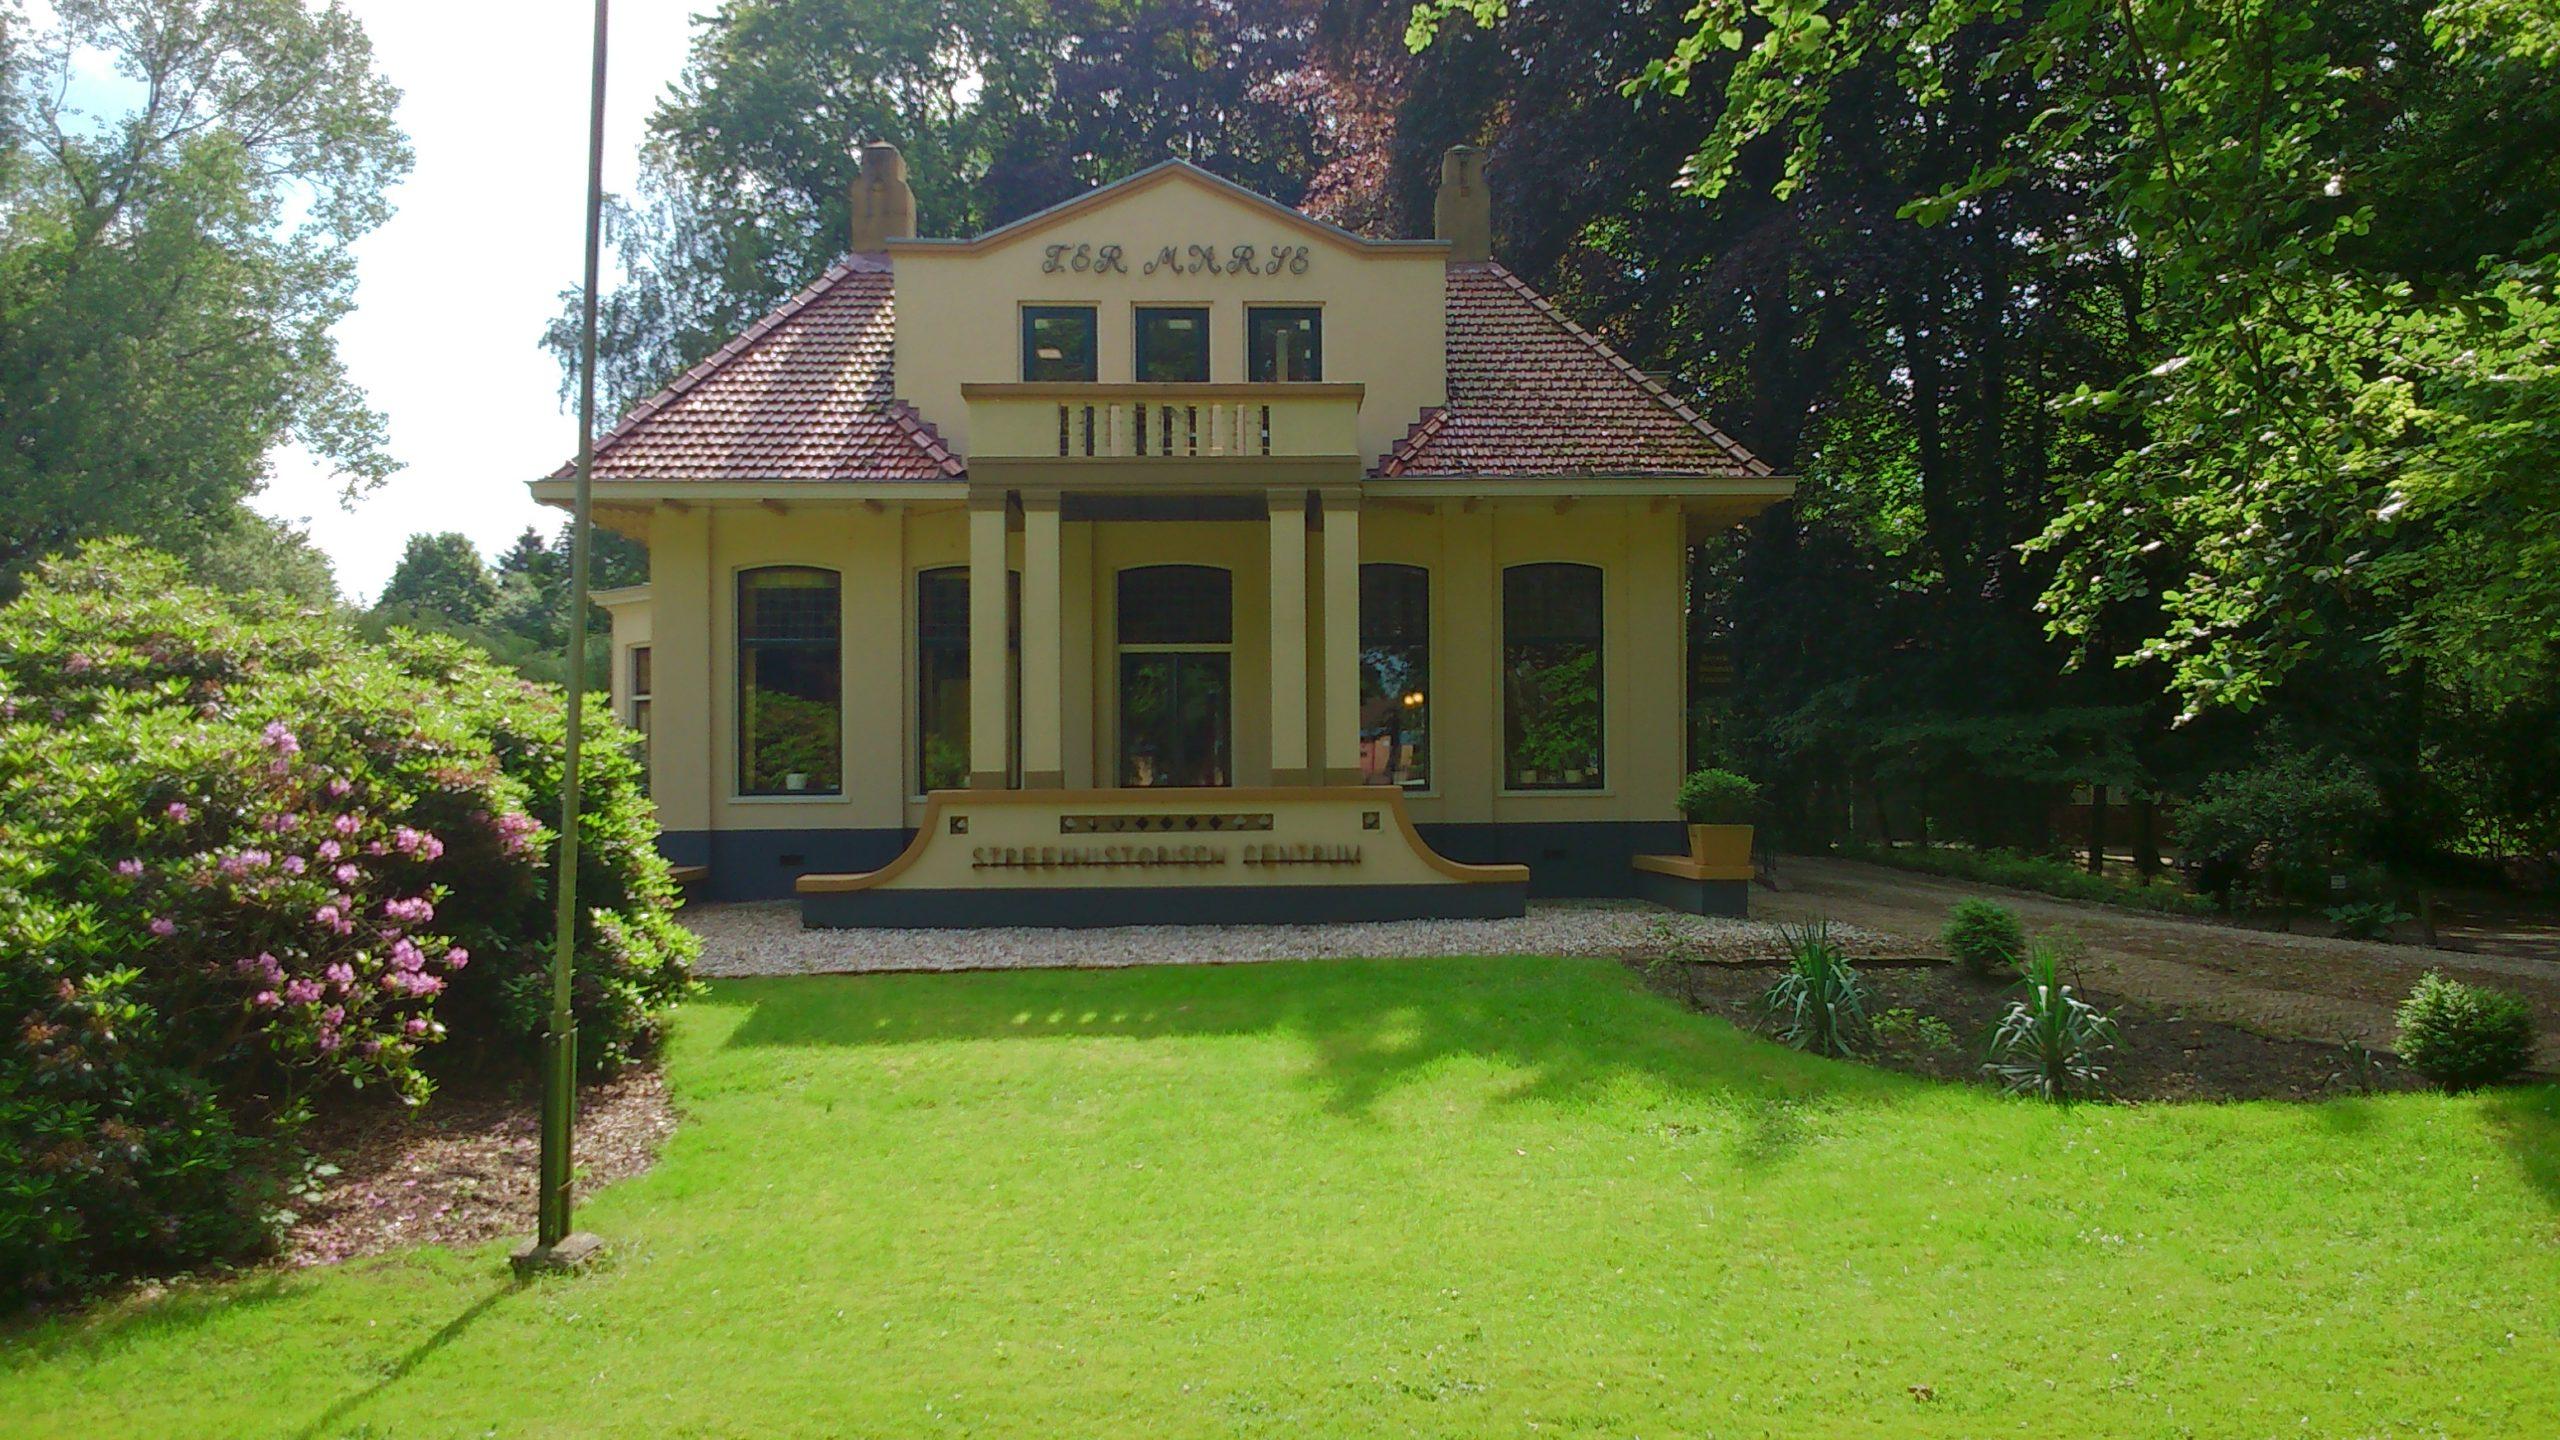 Aan het eind van een groen grasveld, omgeven door bomen, ligt een cremekleurige villa met rood pannendak. Boven de pompeuse ingang met pilaren en een trap ligt een dakkapel met balkon